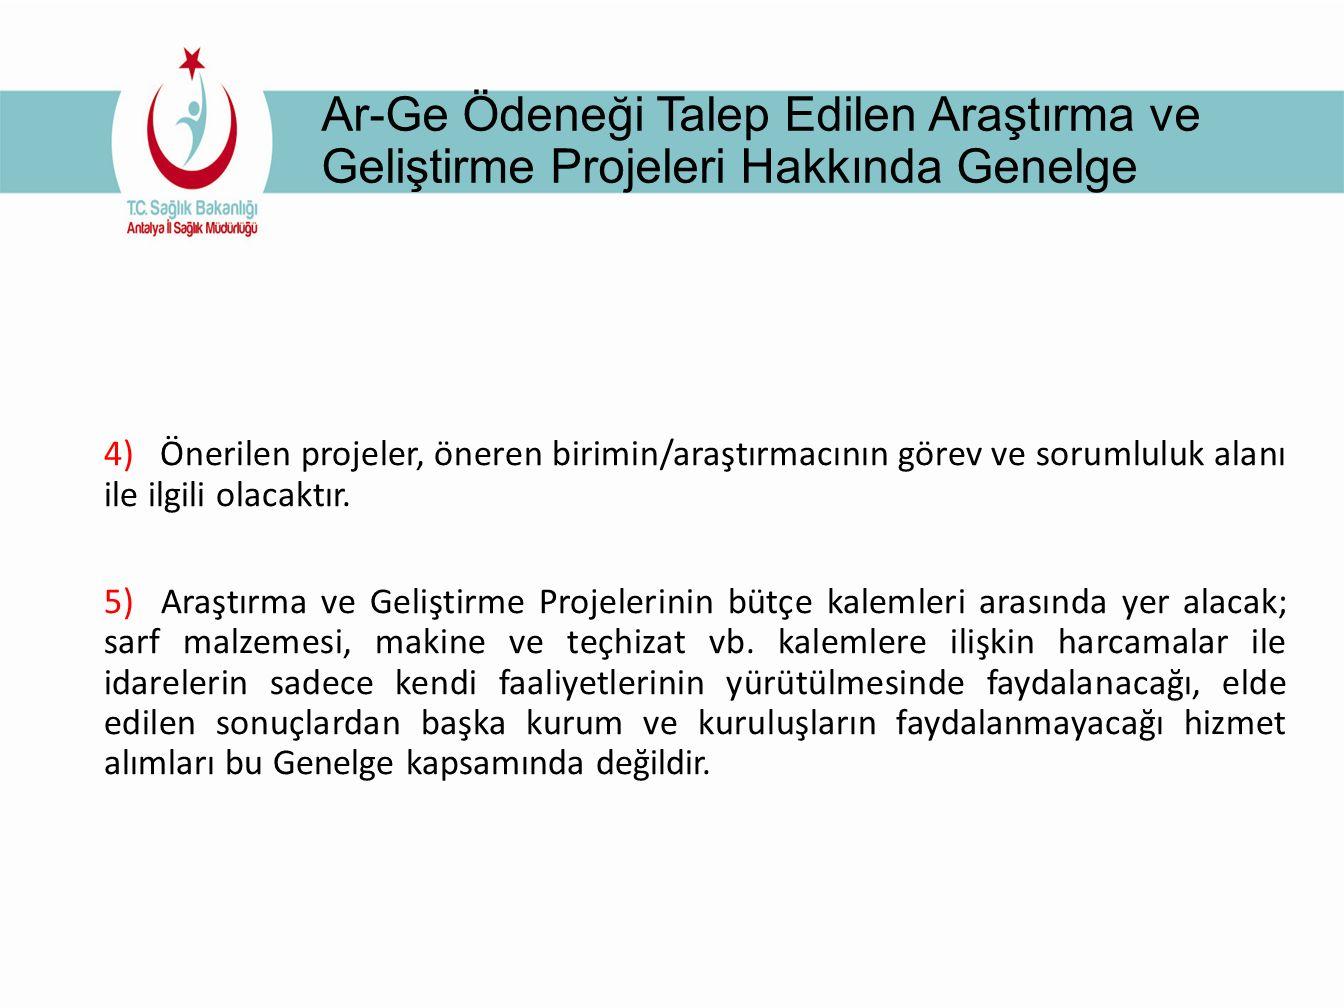 Ar-Ge Ödeneği Talep Edilen Araştırma ve Geliştirme Projeleri Hakkında Genelge 4) Önerilen projeler, öneren birimin/araştırmacının görev ve sorumluluk alanı ile ilgili olacaktır.